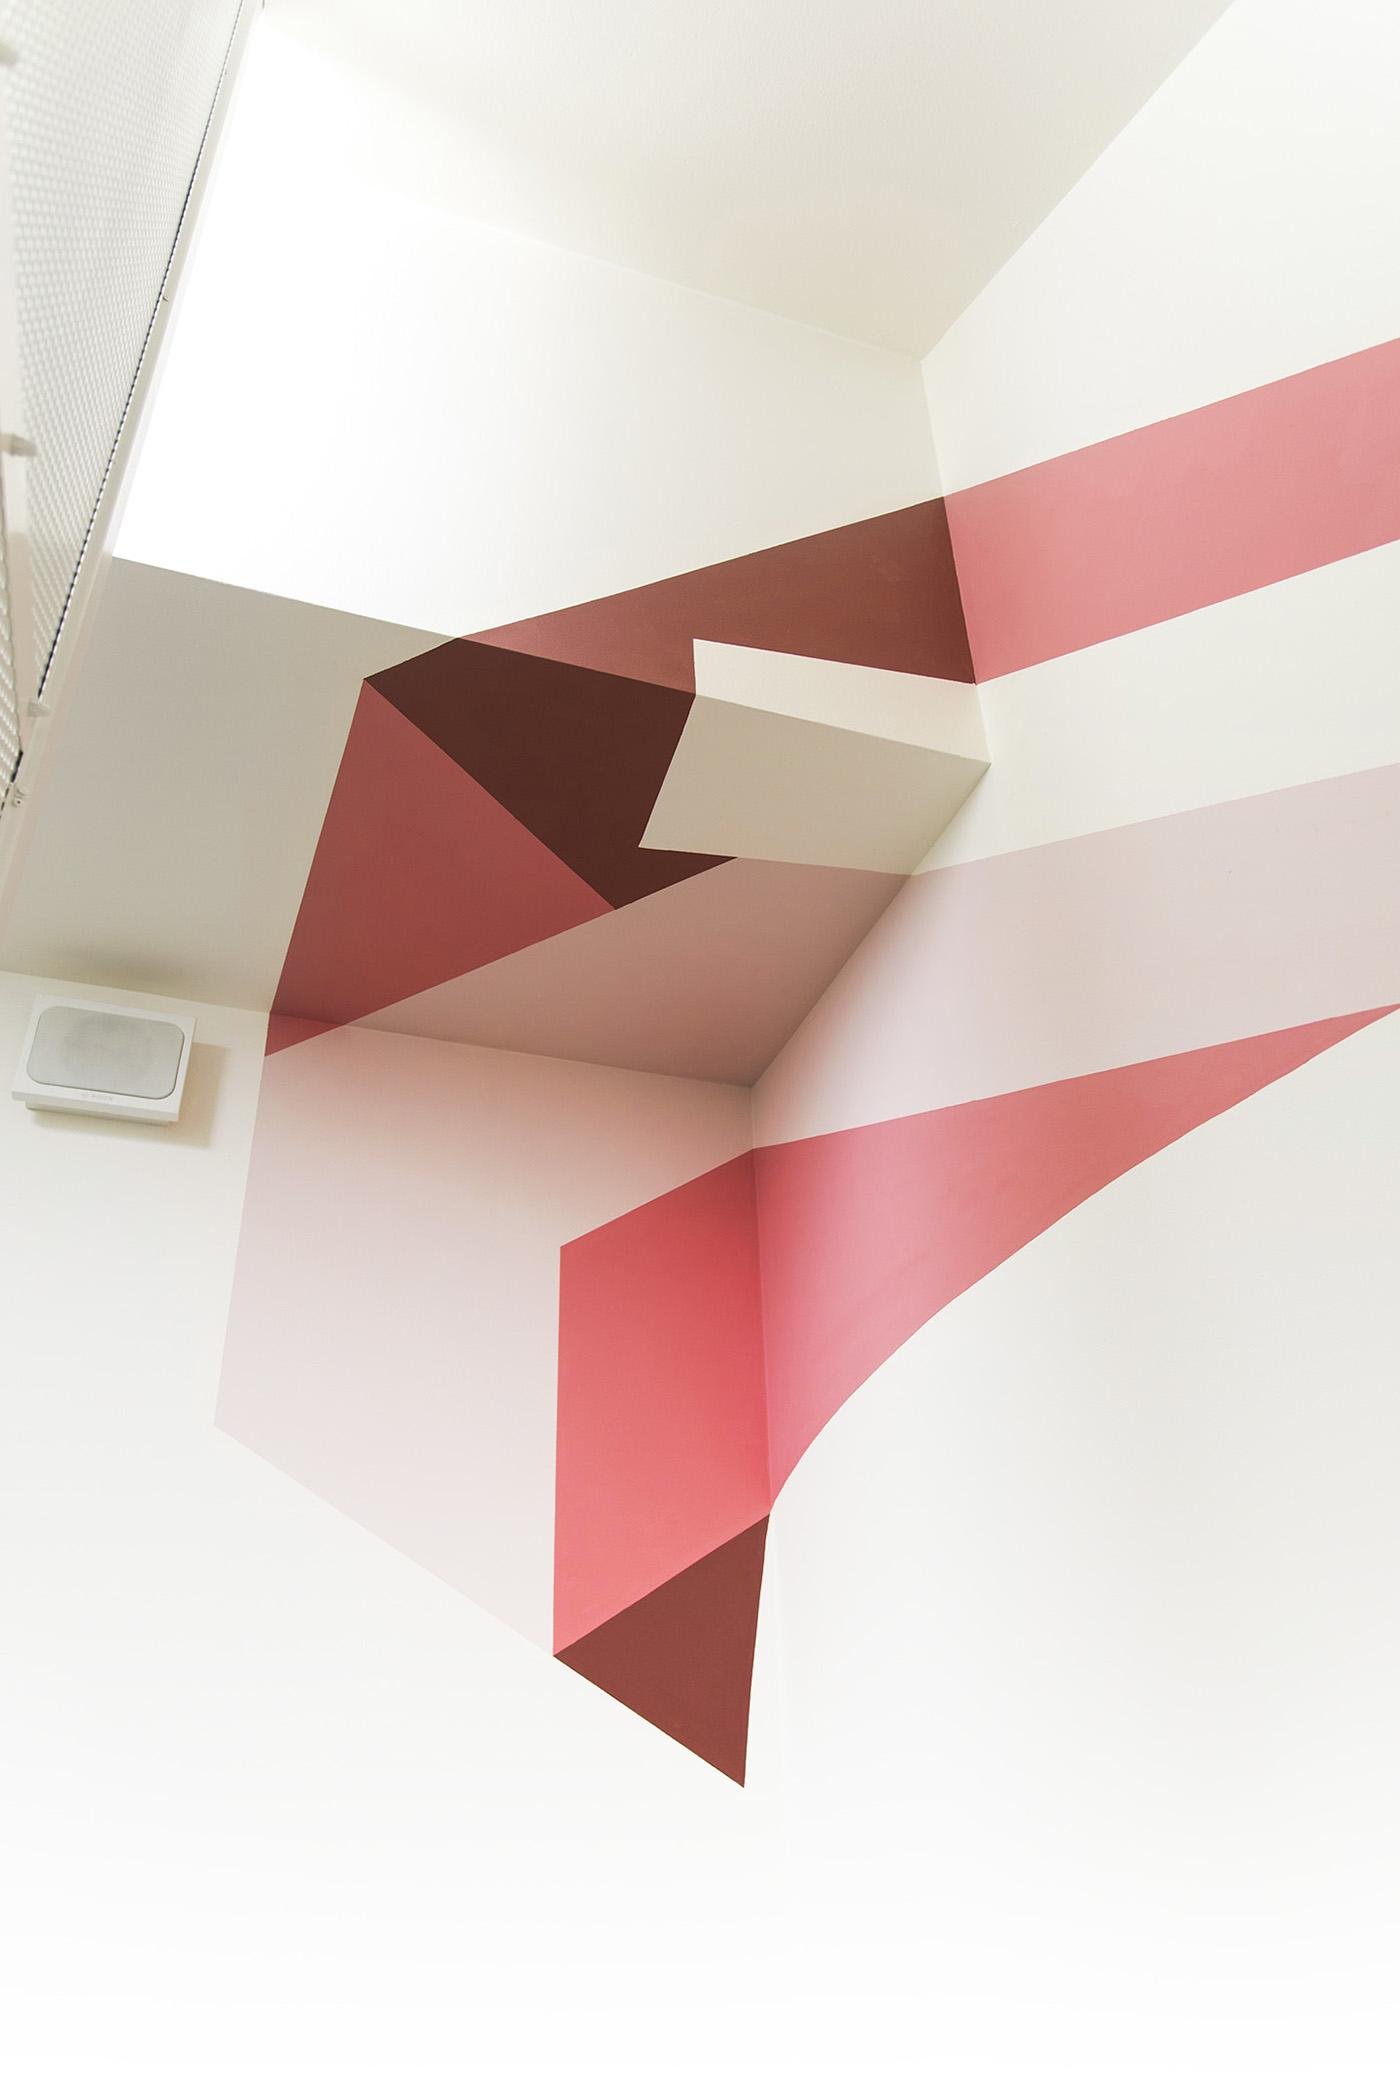 亚马逊楼梯变形标识设计©Truly Design Studio